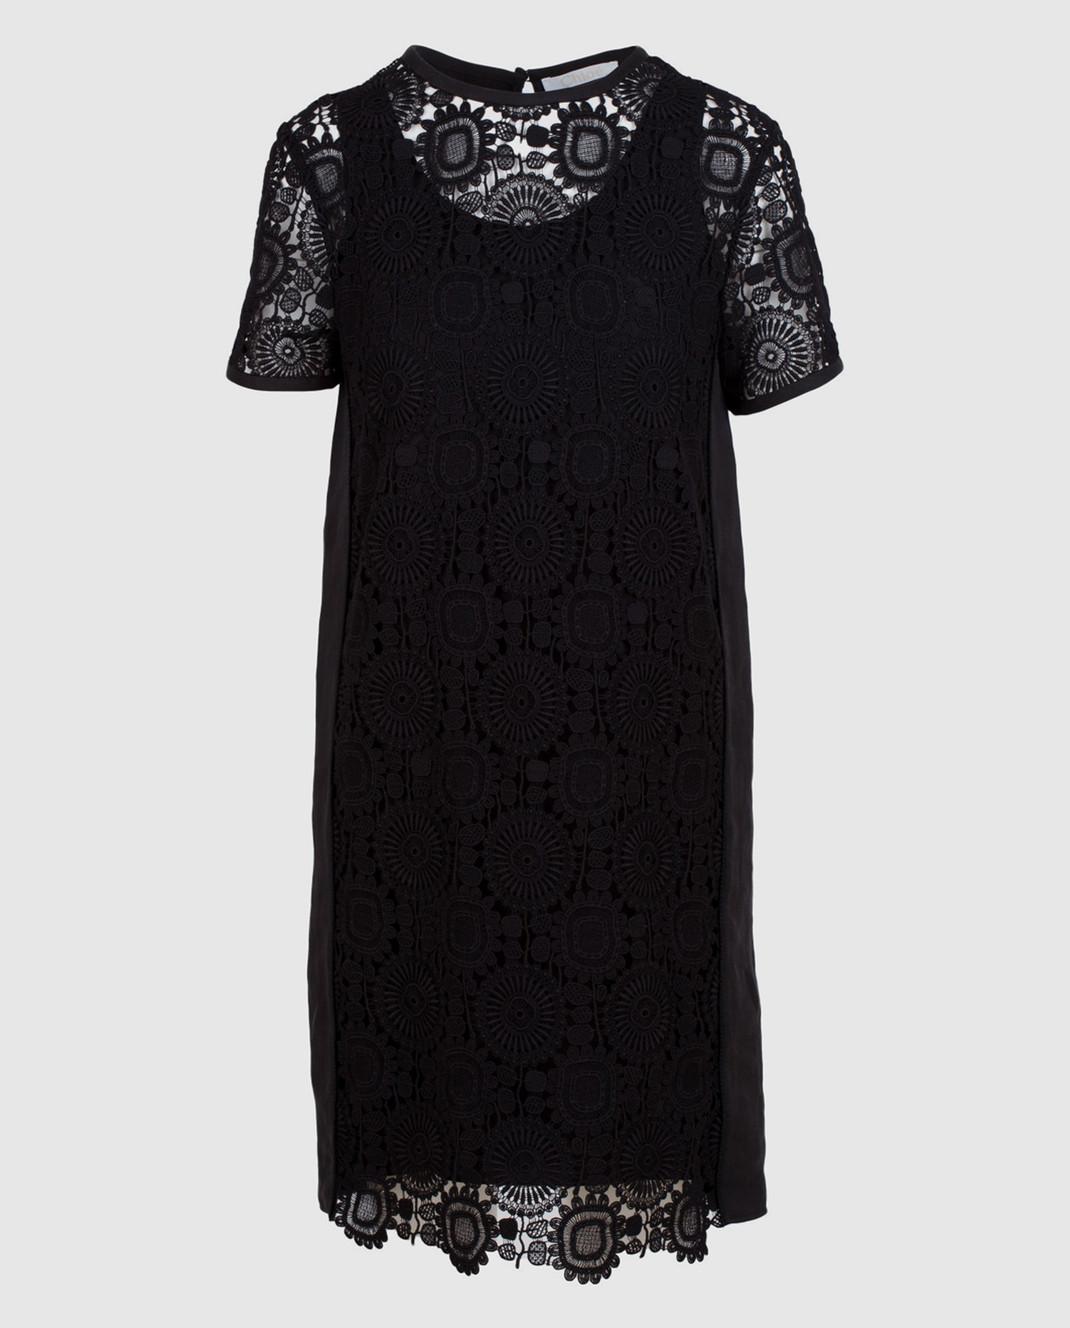 Chloe Черное платье из кружева 17SRO60